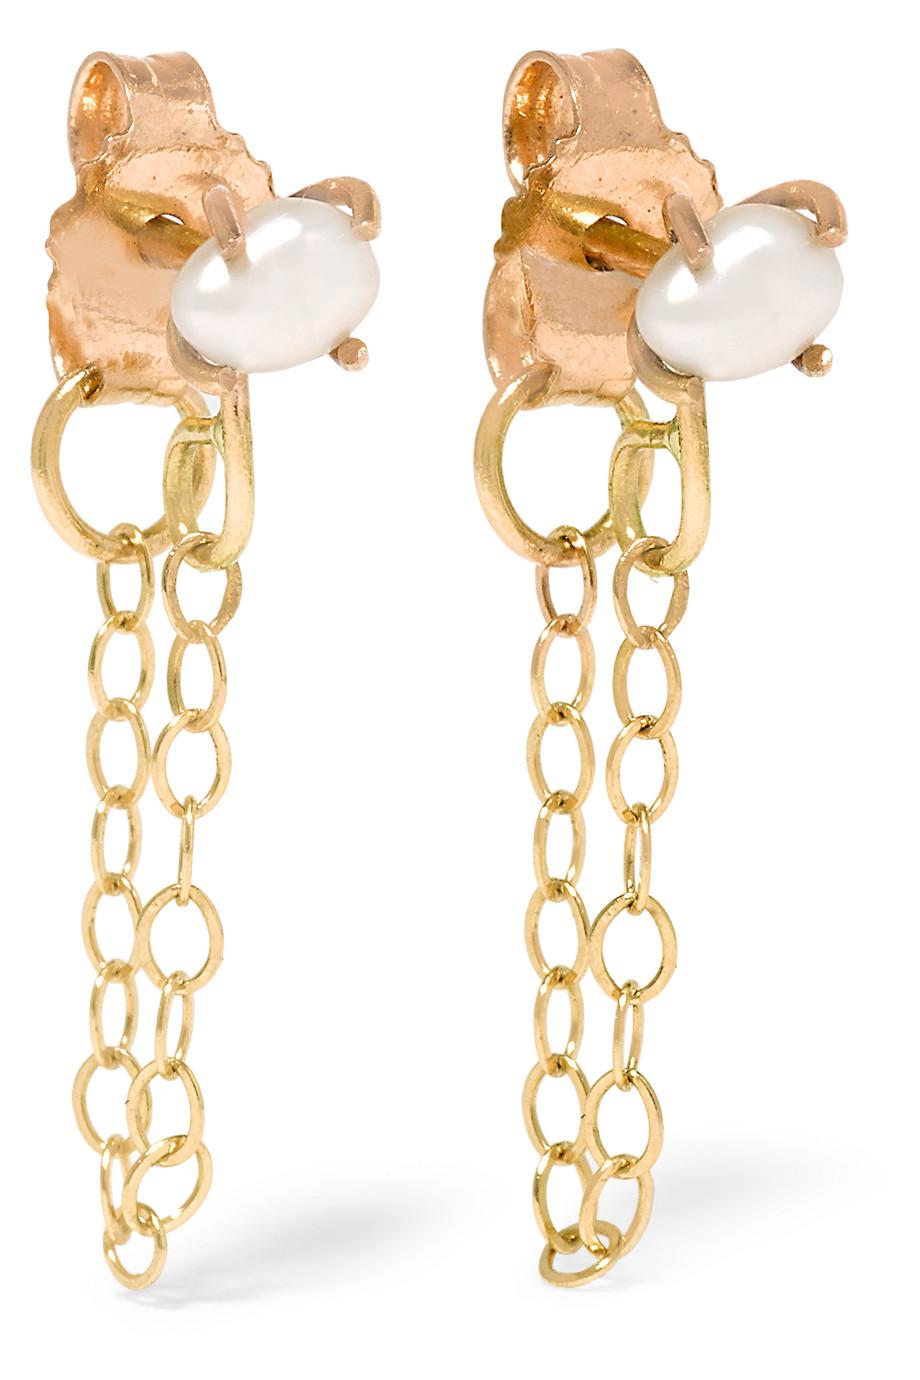 14-Karat Gold Pearl Earrings, Melissa Joy Manning, Women's